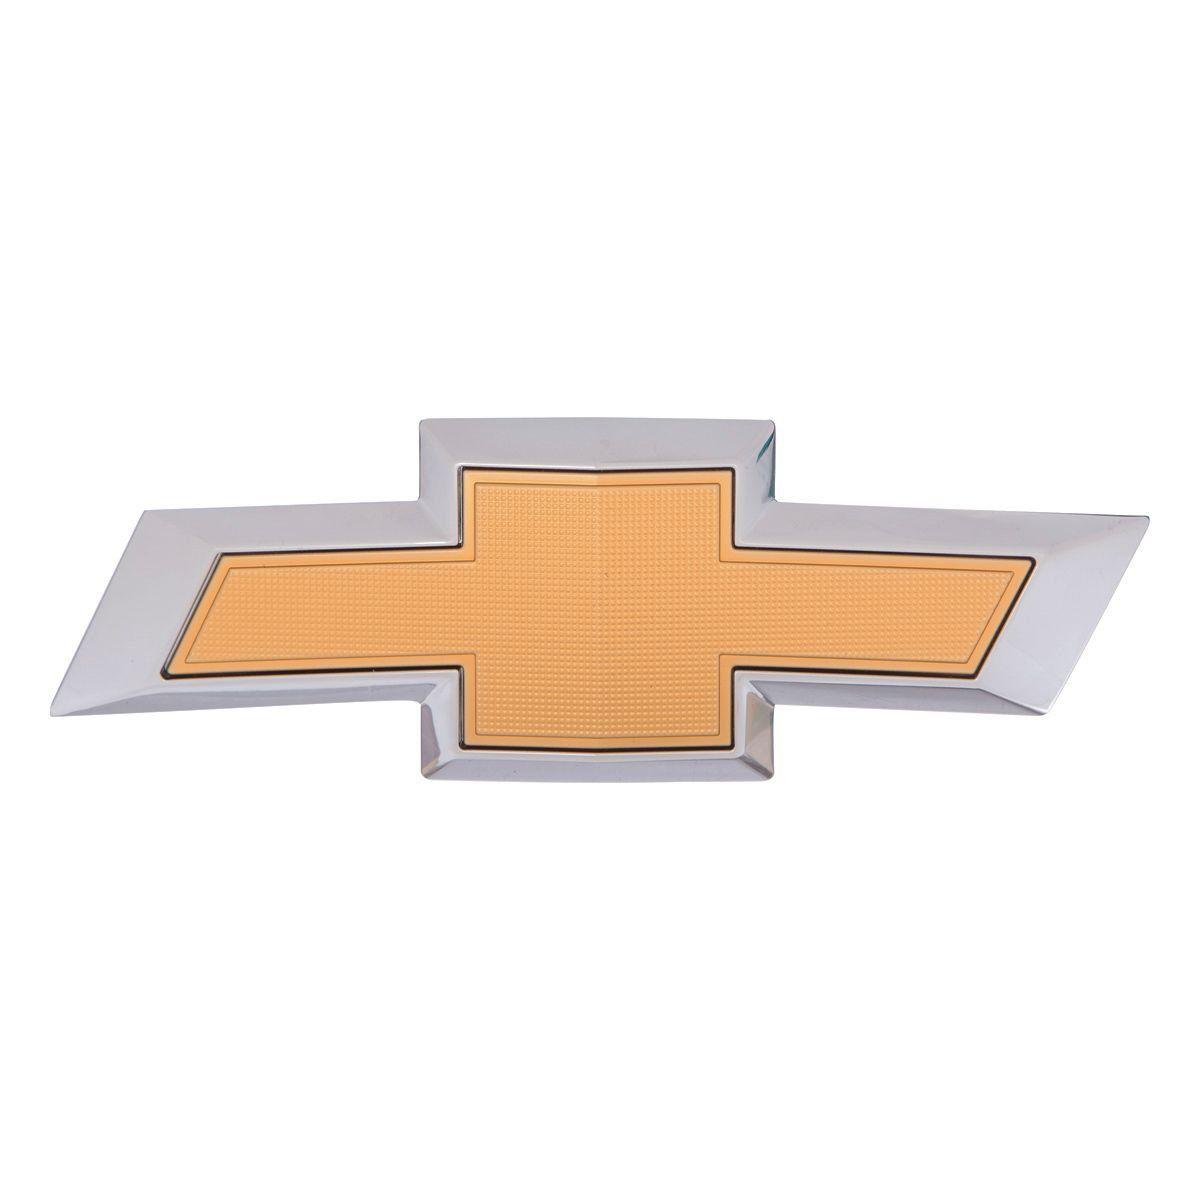 Emblema *gravata* grade parachoque - Prisma novo 2016 a 2018